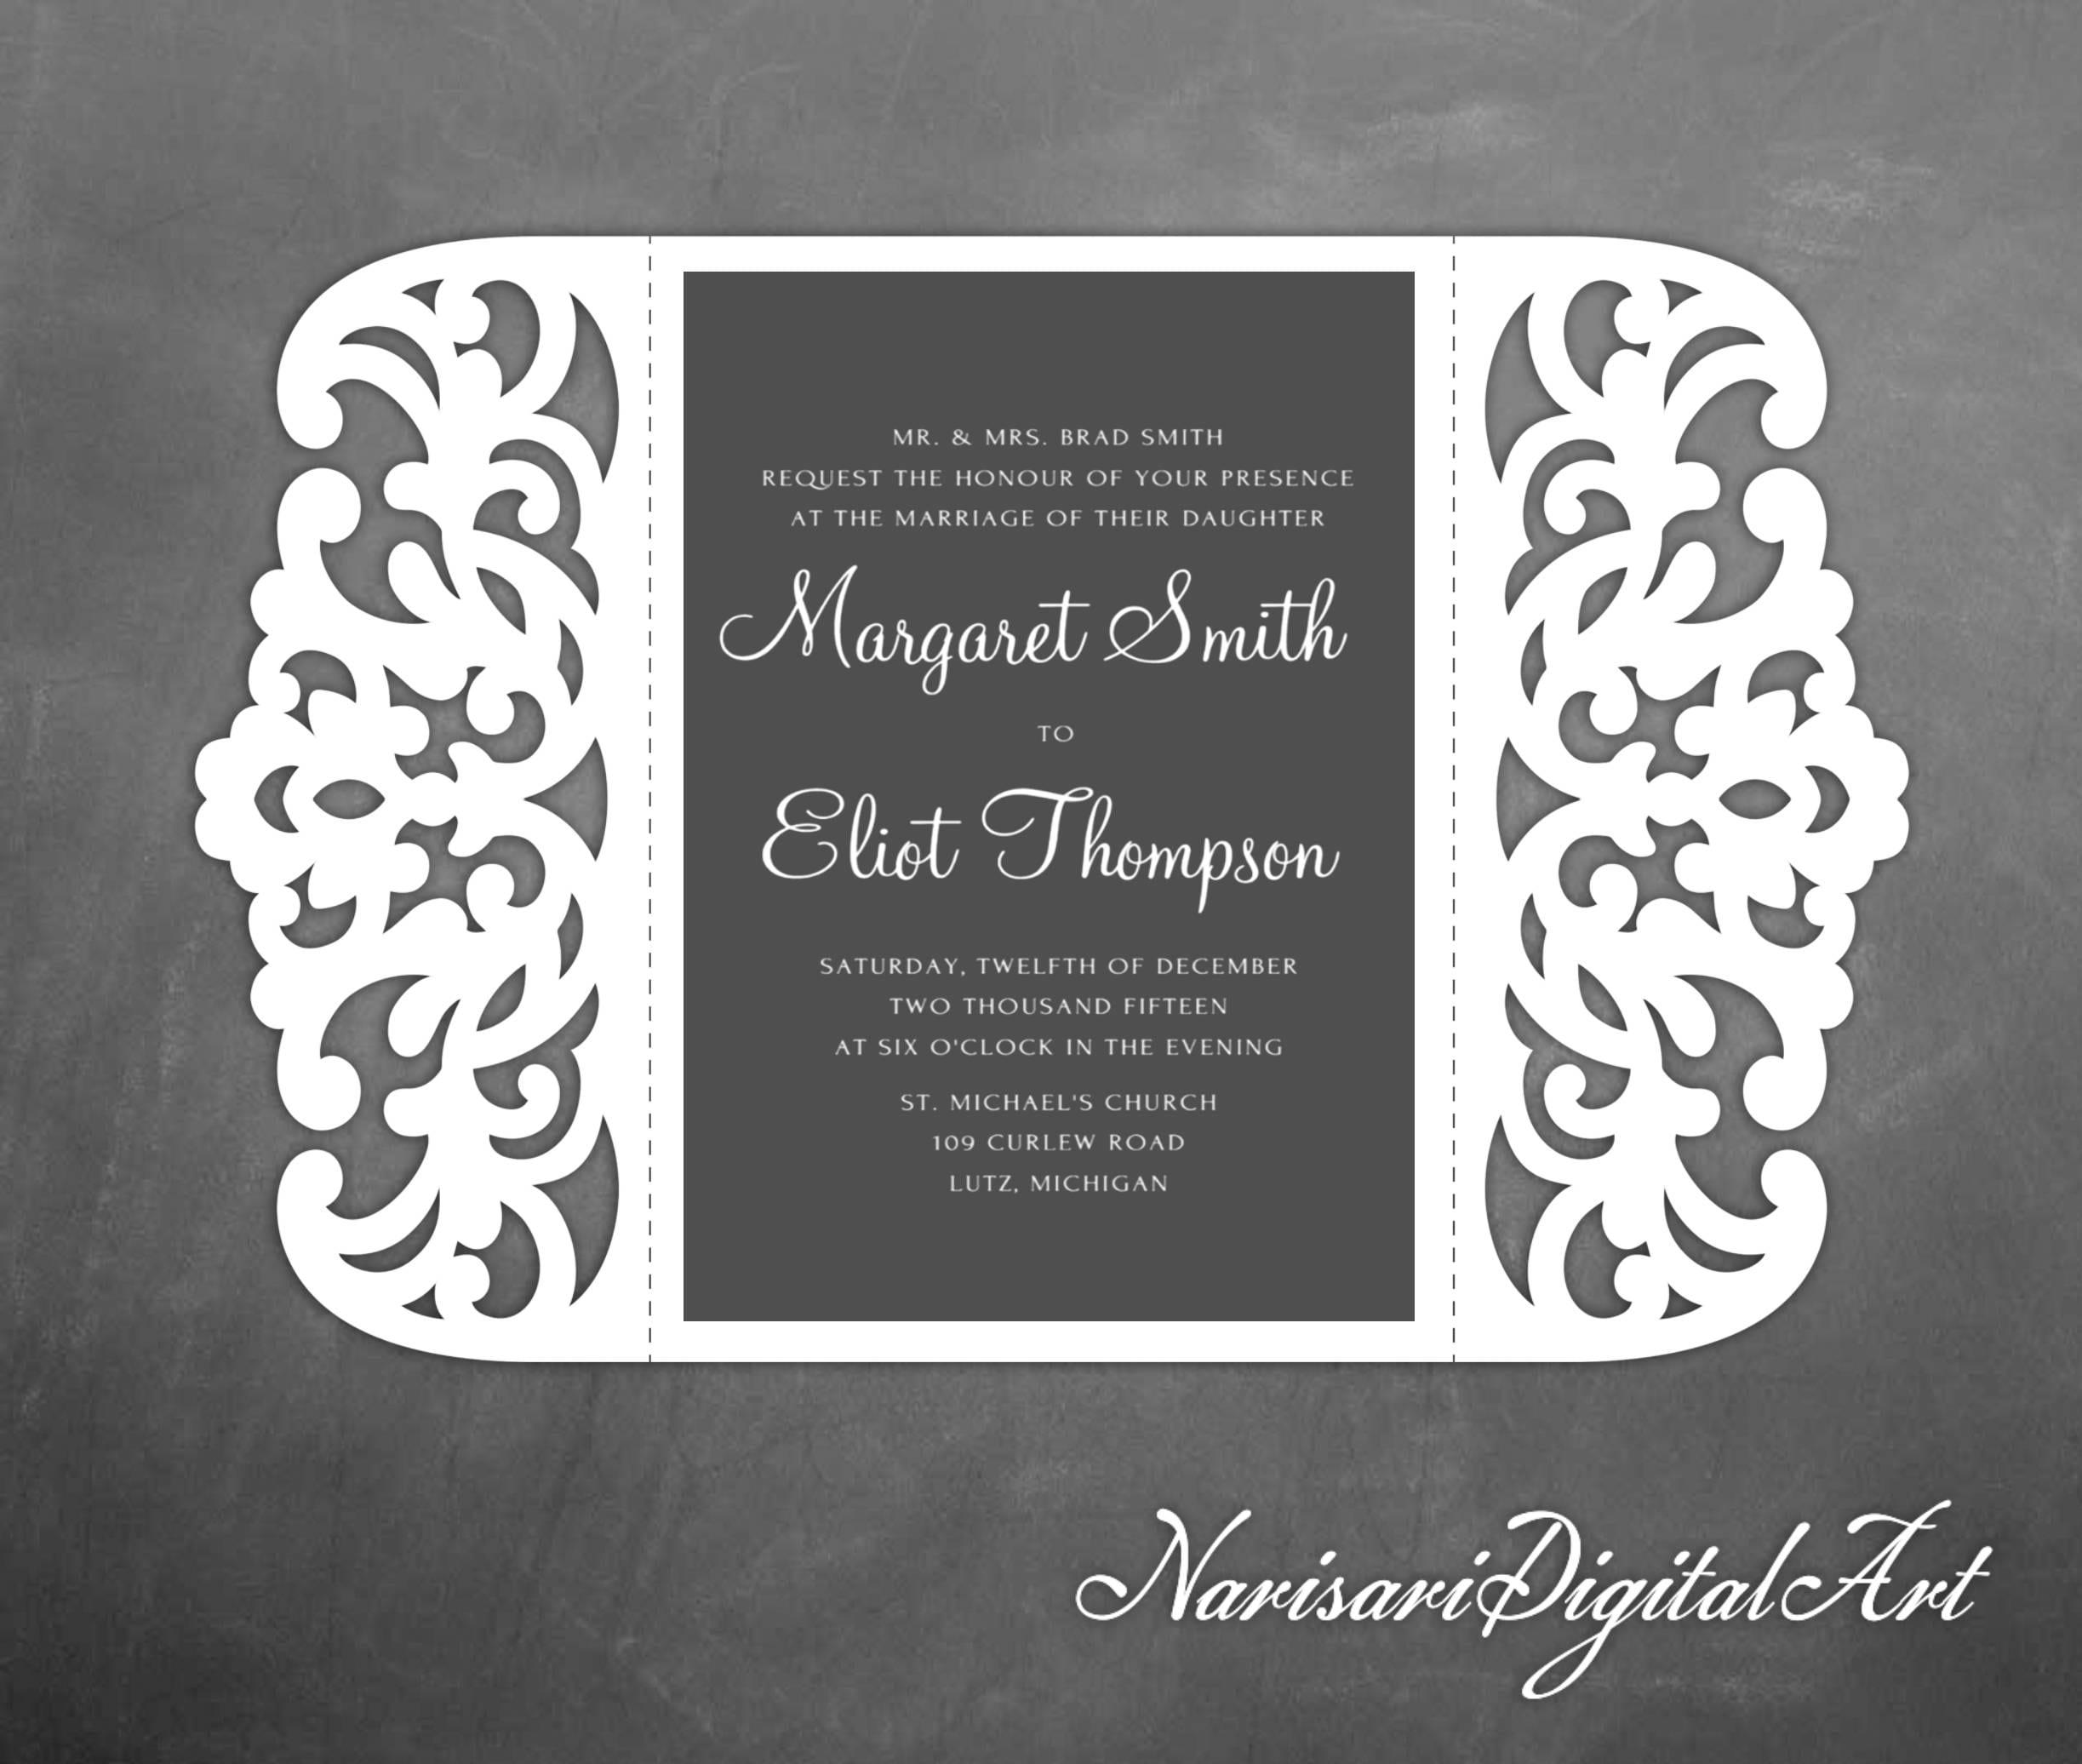 Gate fold Laser cut Wedding invitation 5x7 lace Card | Etsy